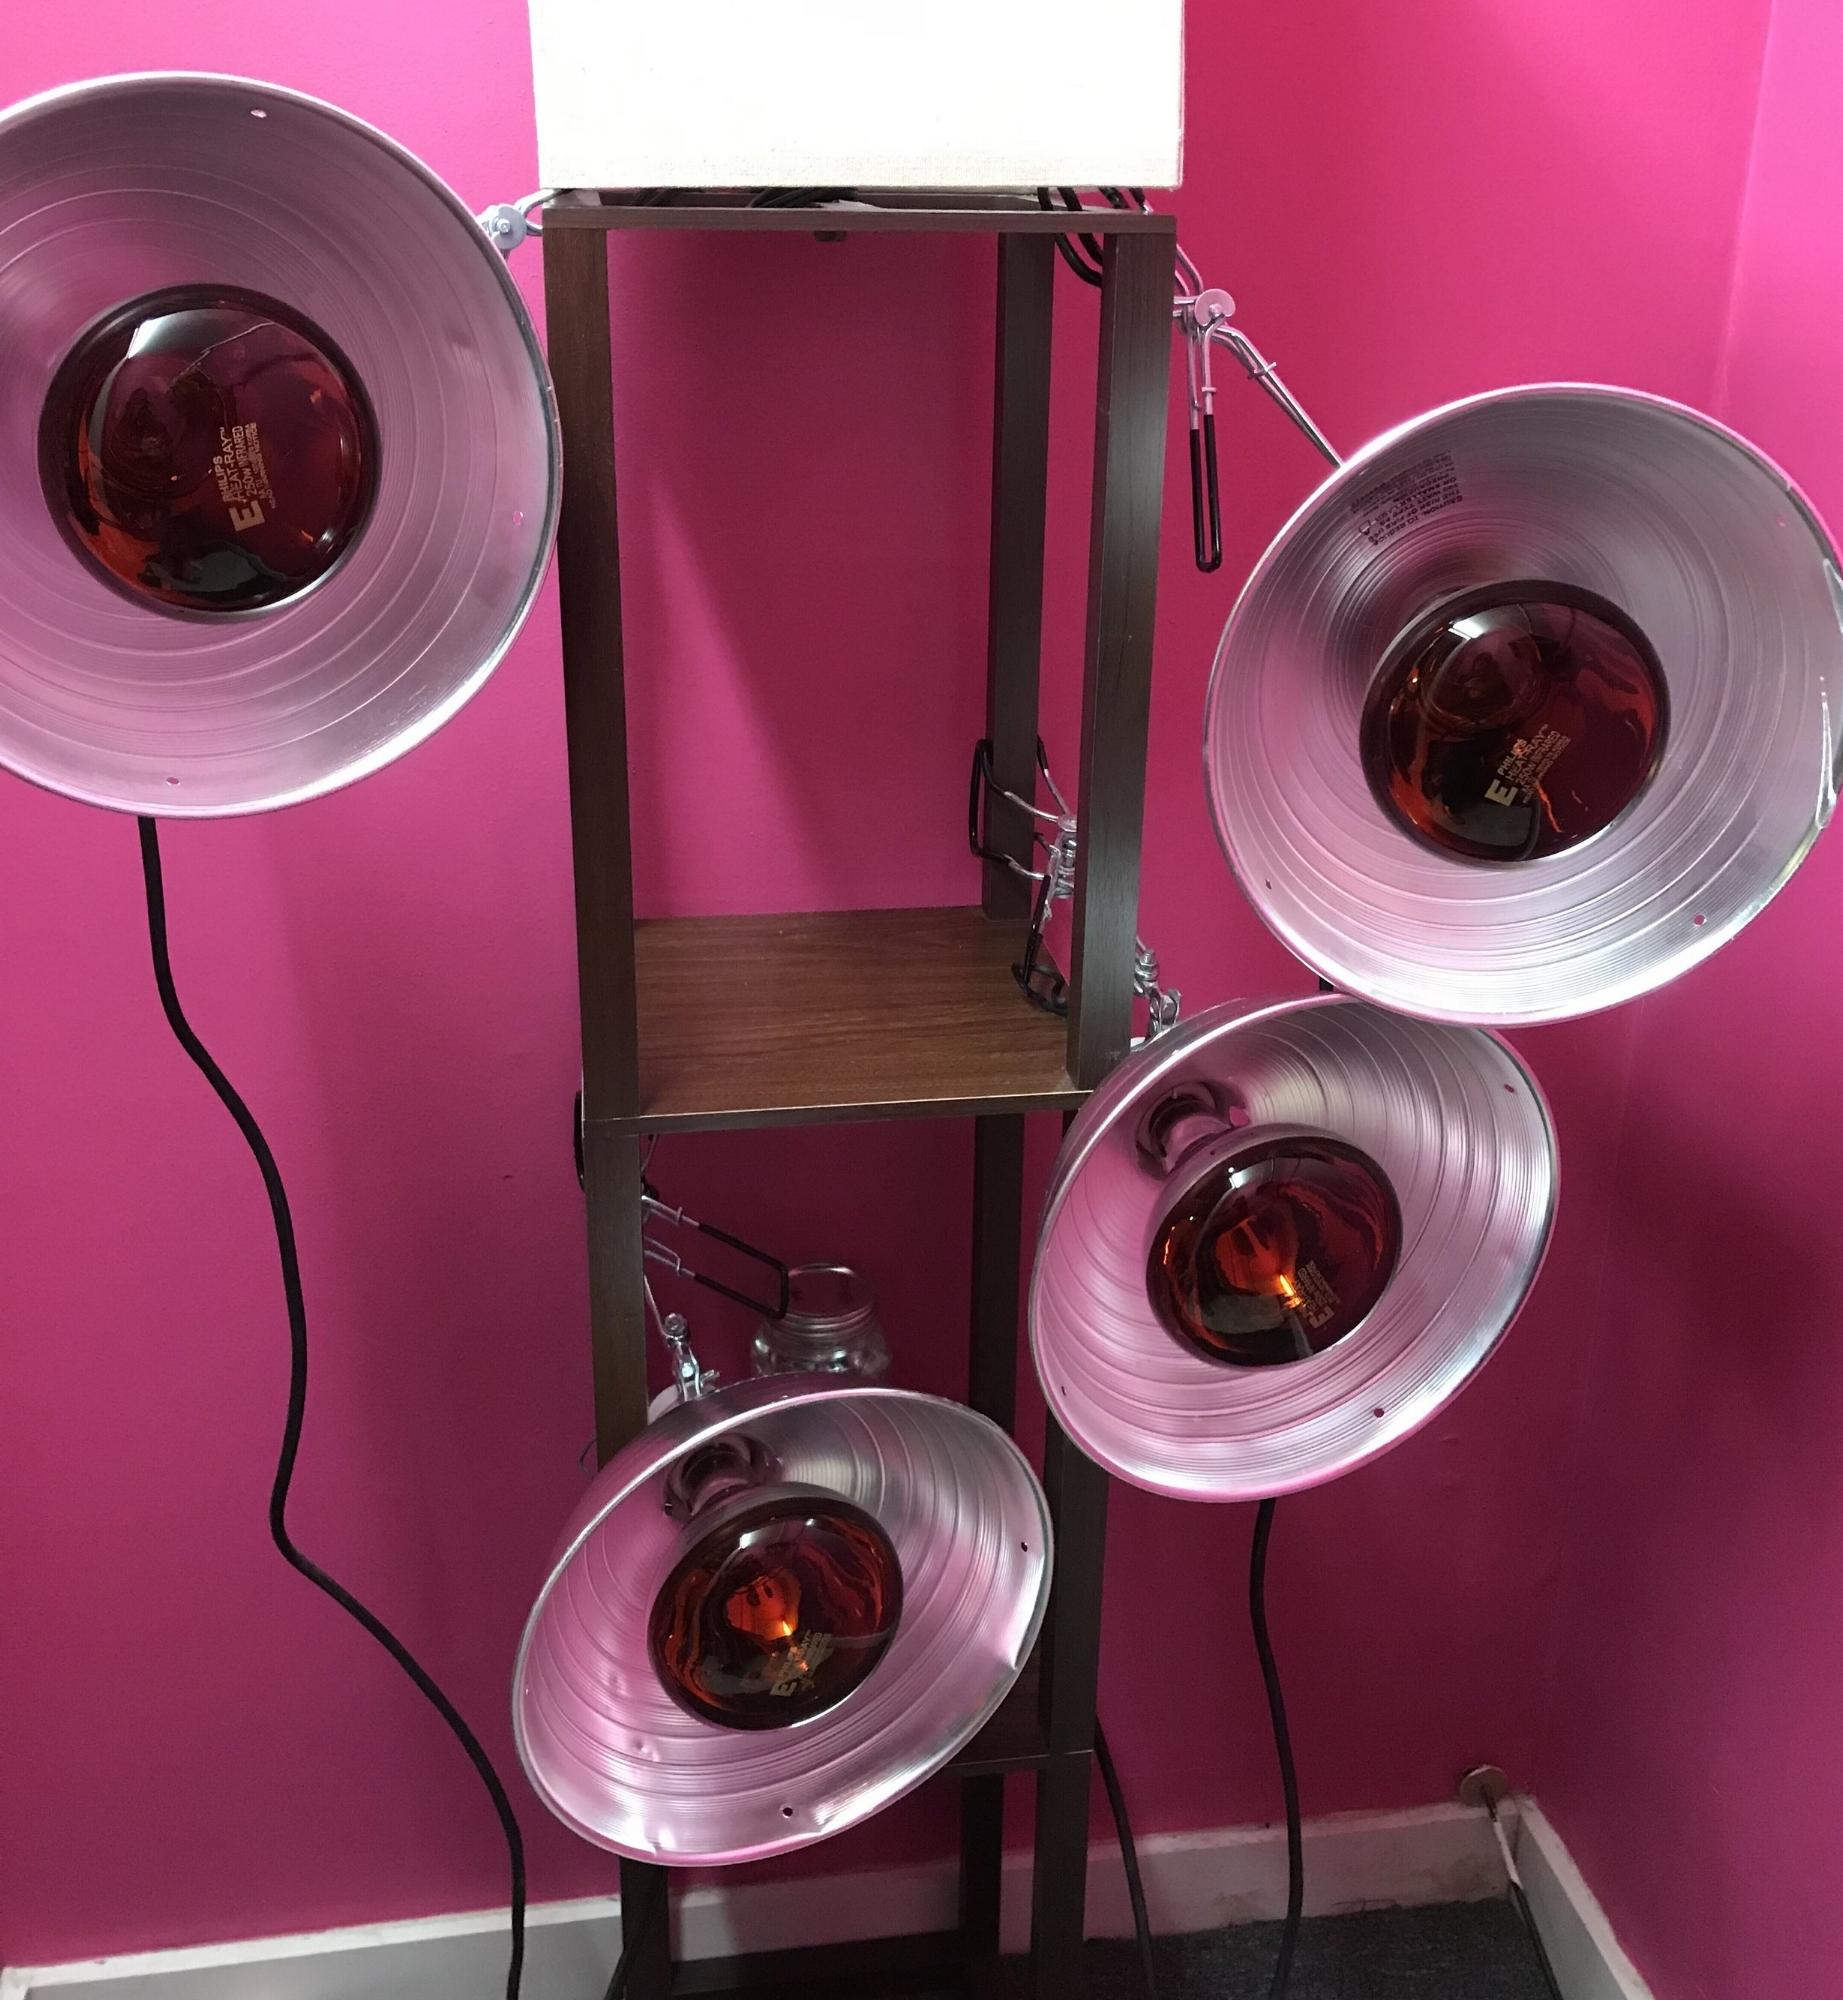 shelfinfraredlights.jpg